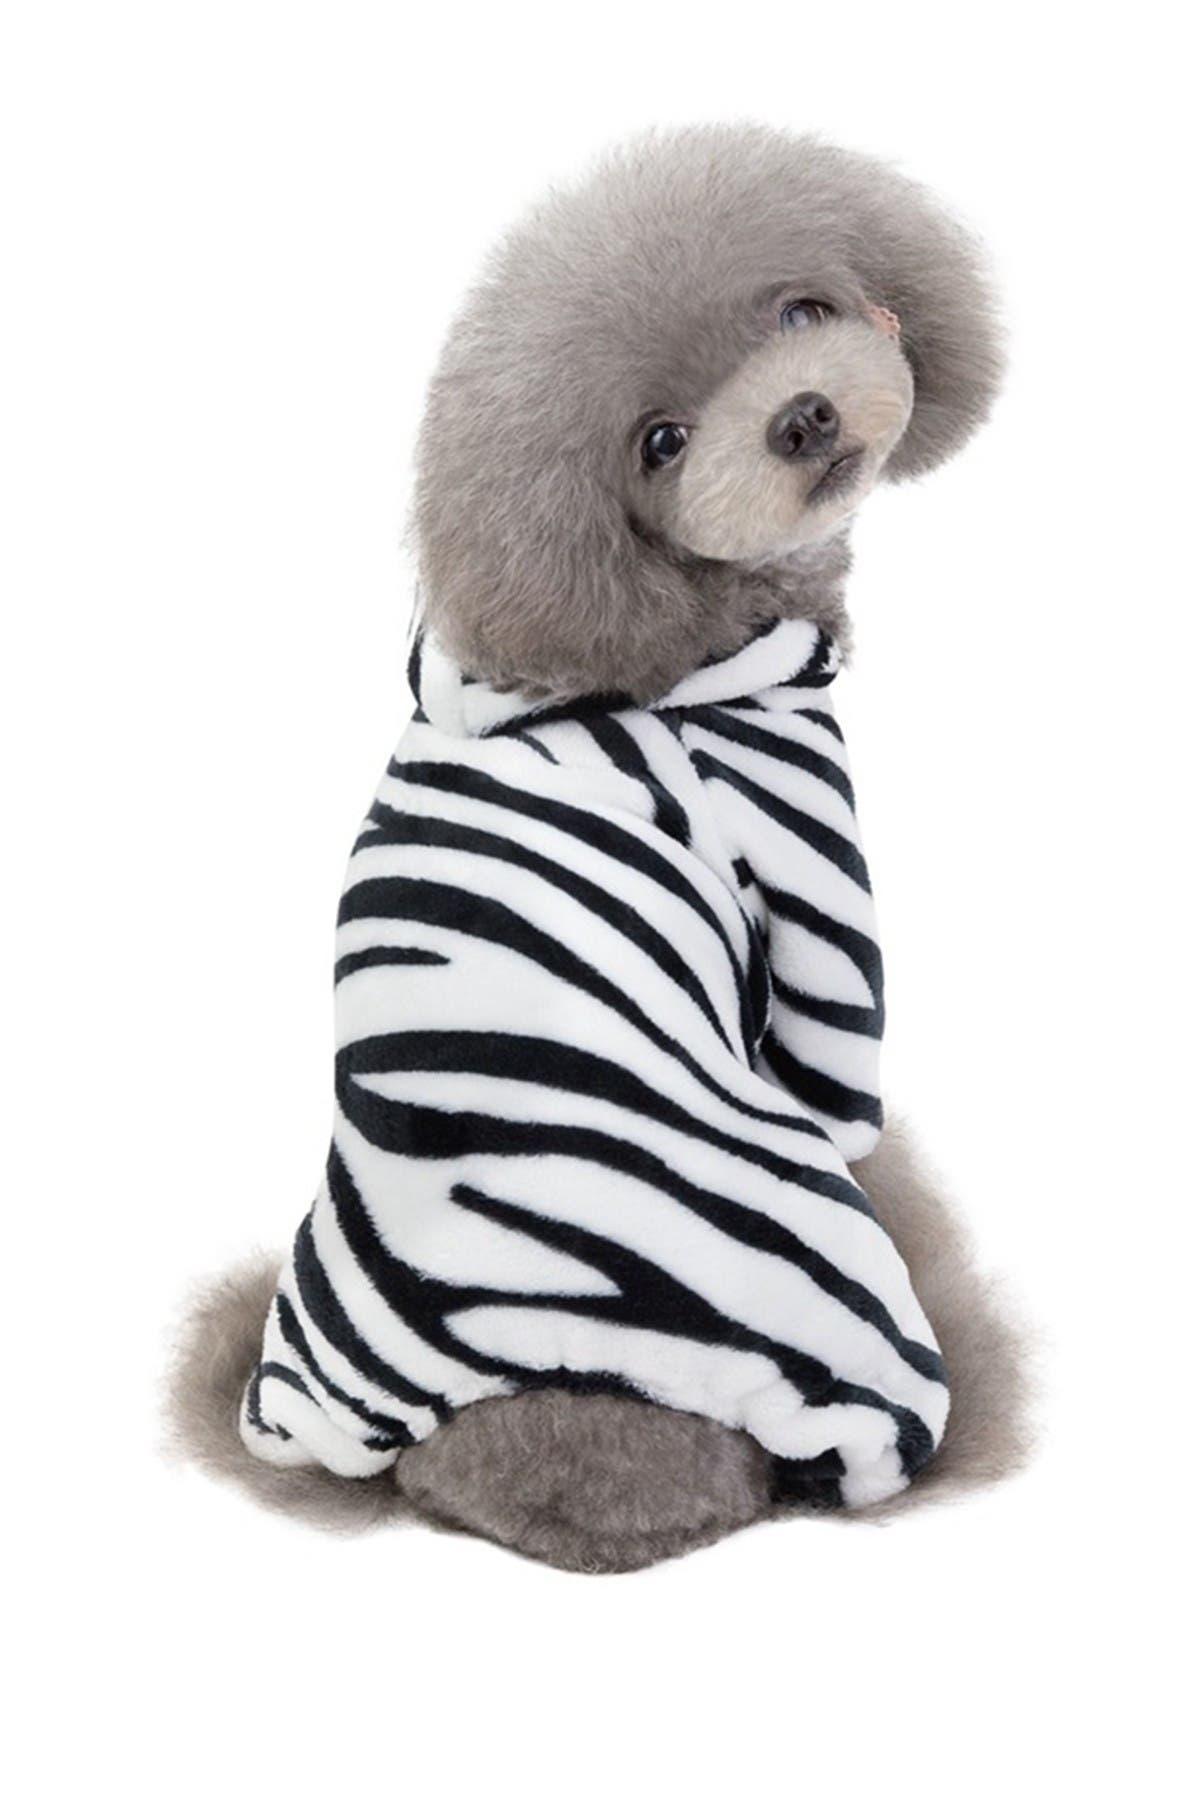 Image of Dogs of Glamour Zebra Pajama - Large - Black/White